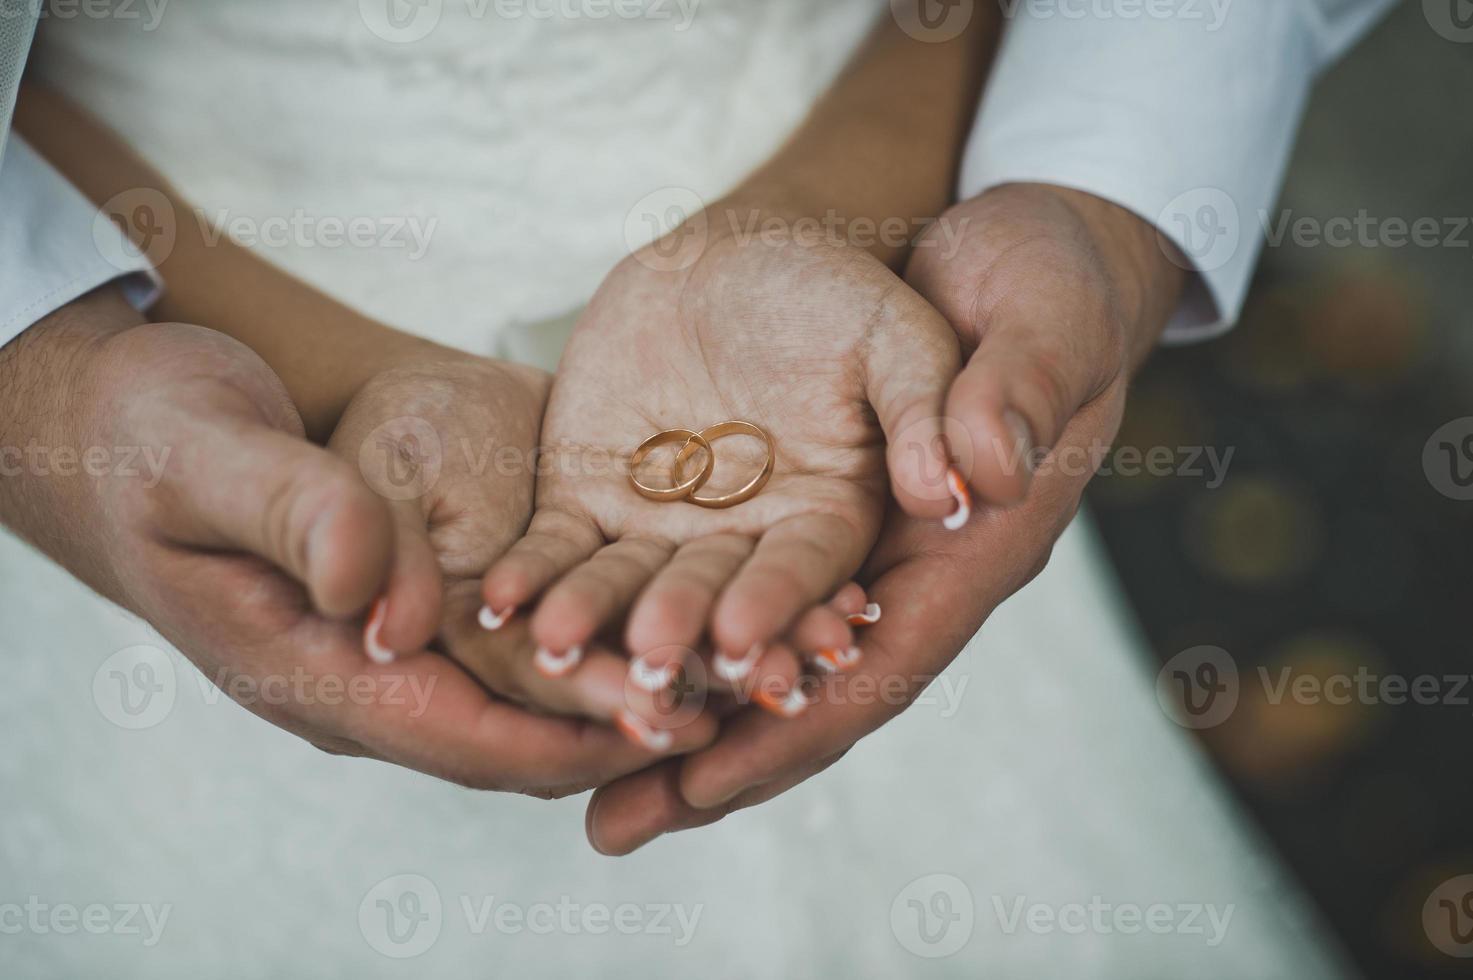 trouwringen in handen van het pas getrouwde stel 1929. foto